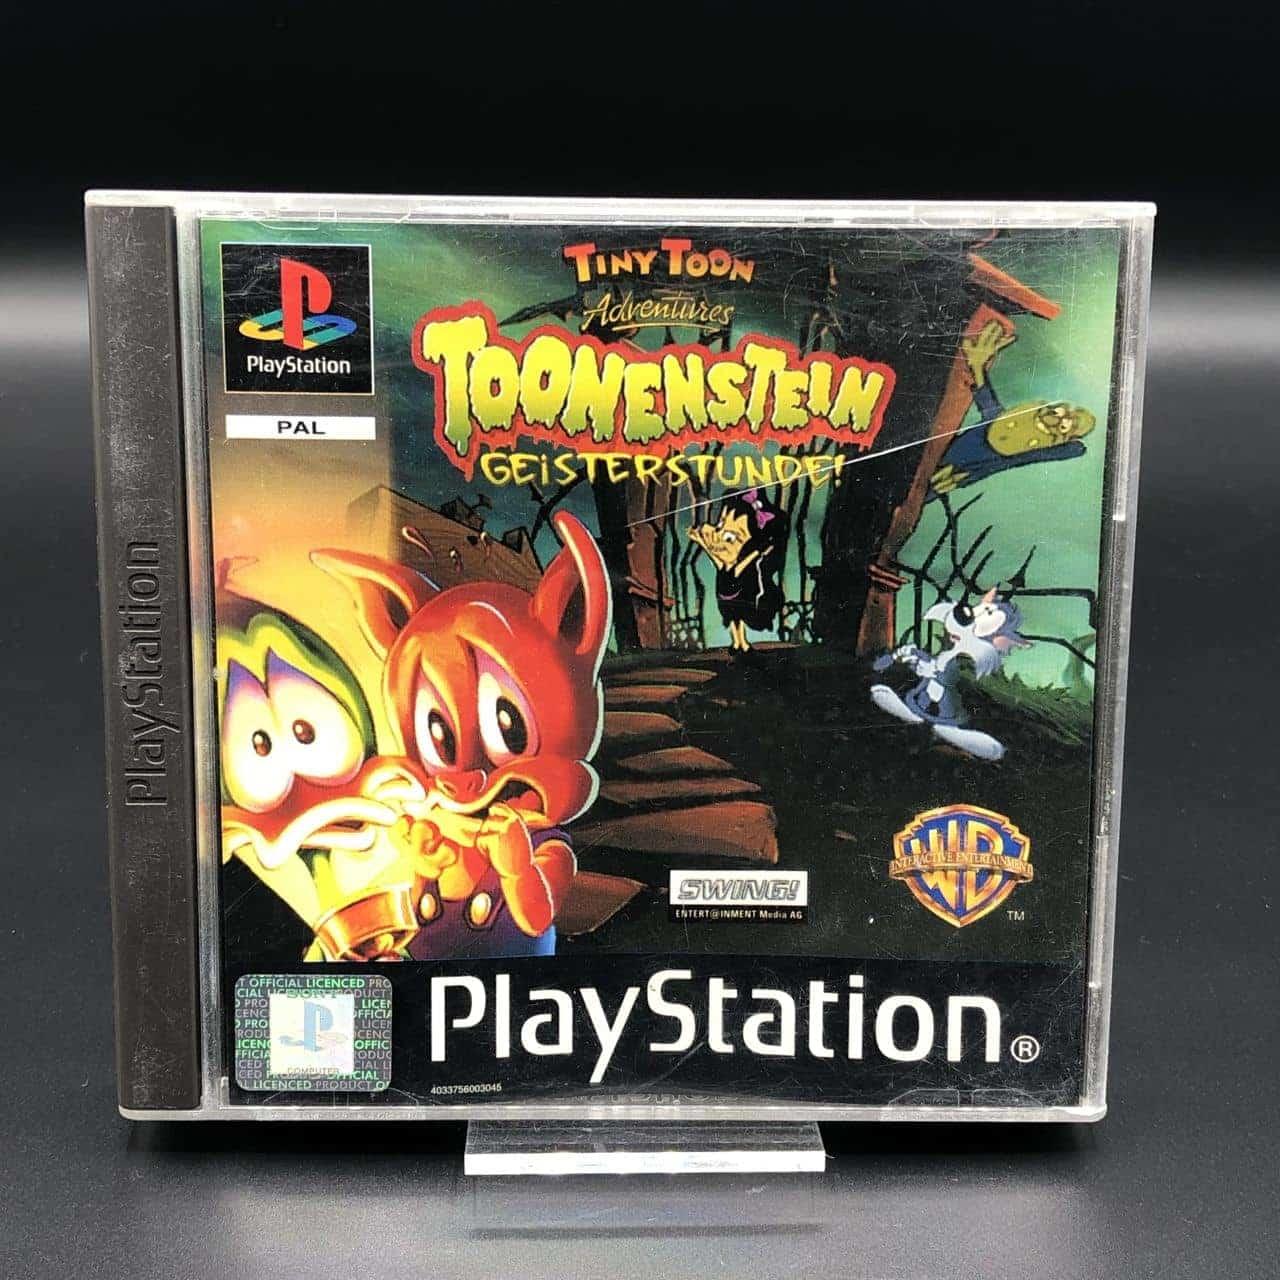 PS1 Toonenstein: Geisterstunde (Komplett) (Gut) Sony PlayStation 1